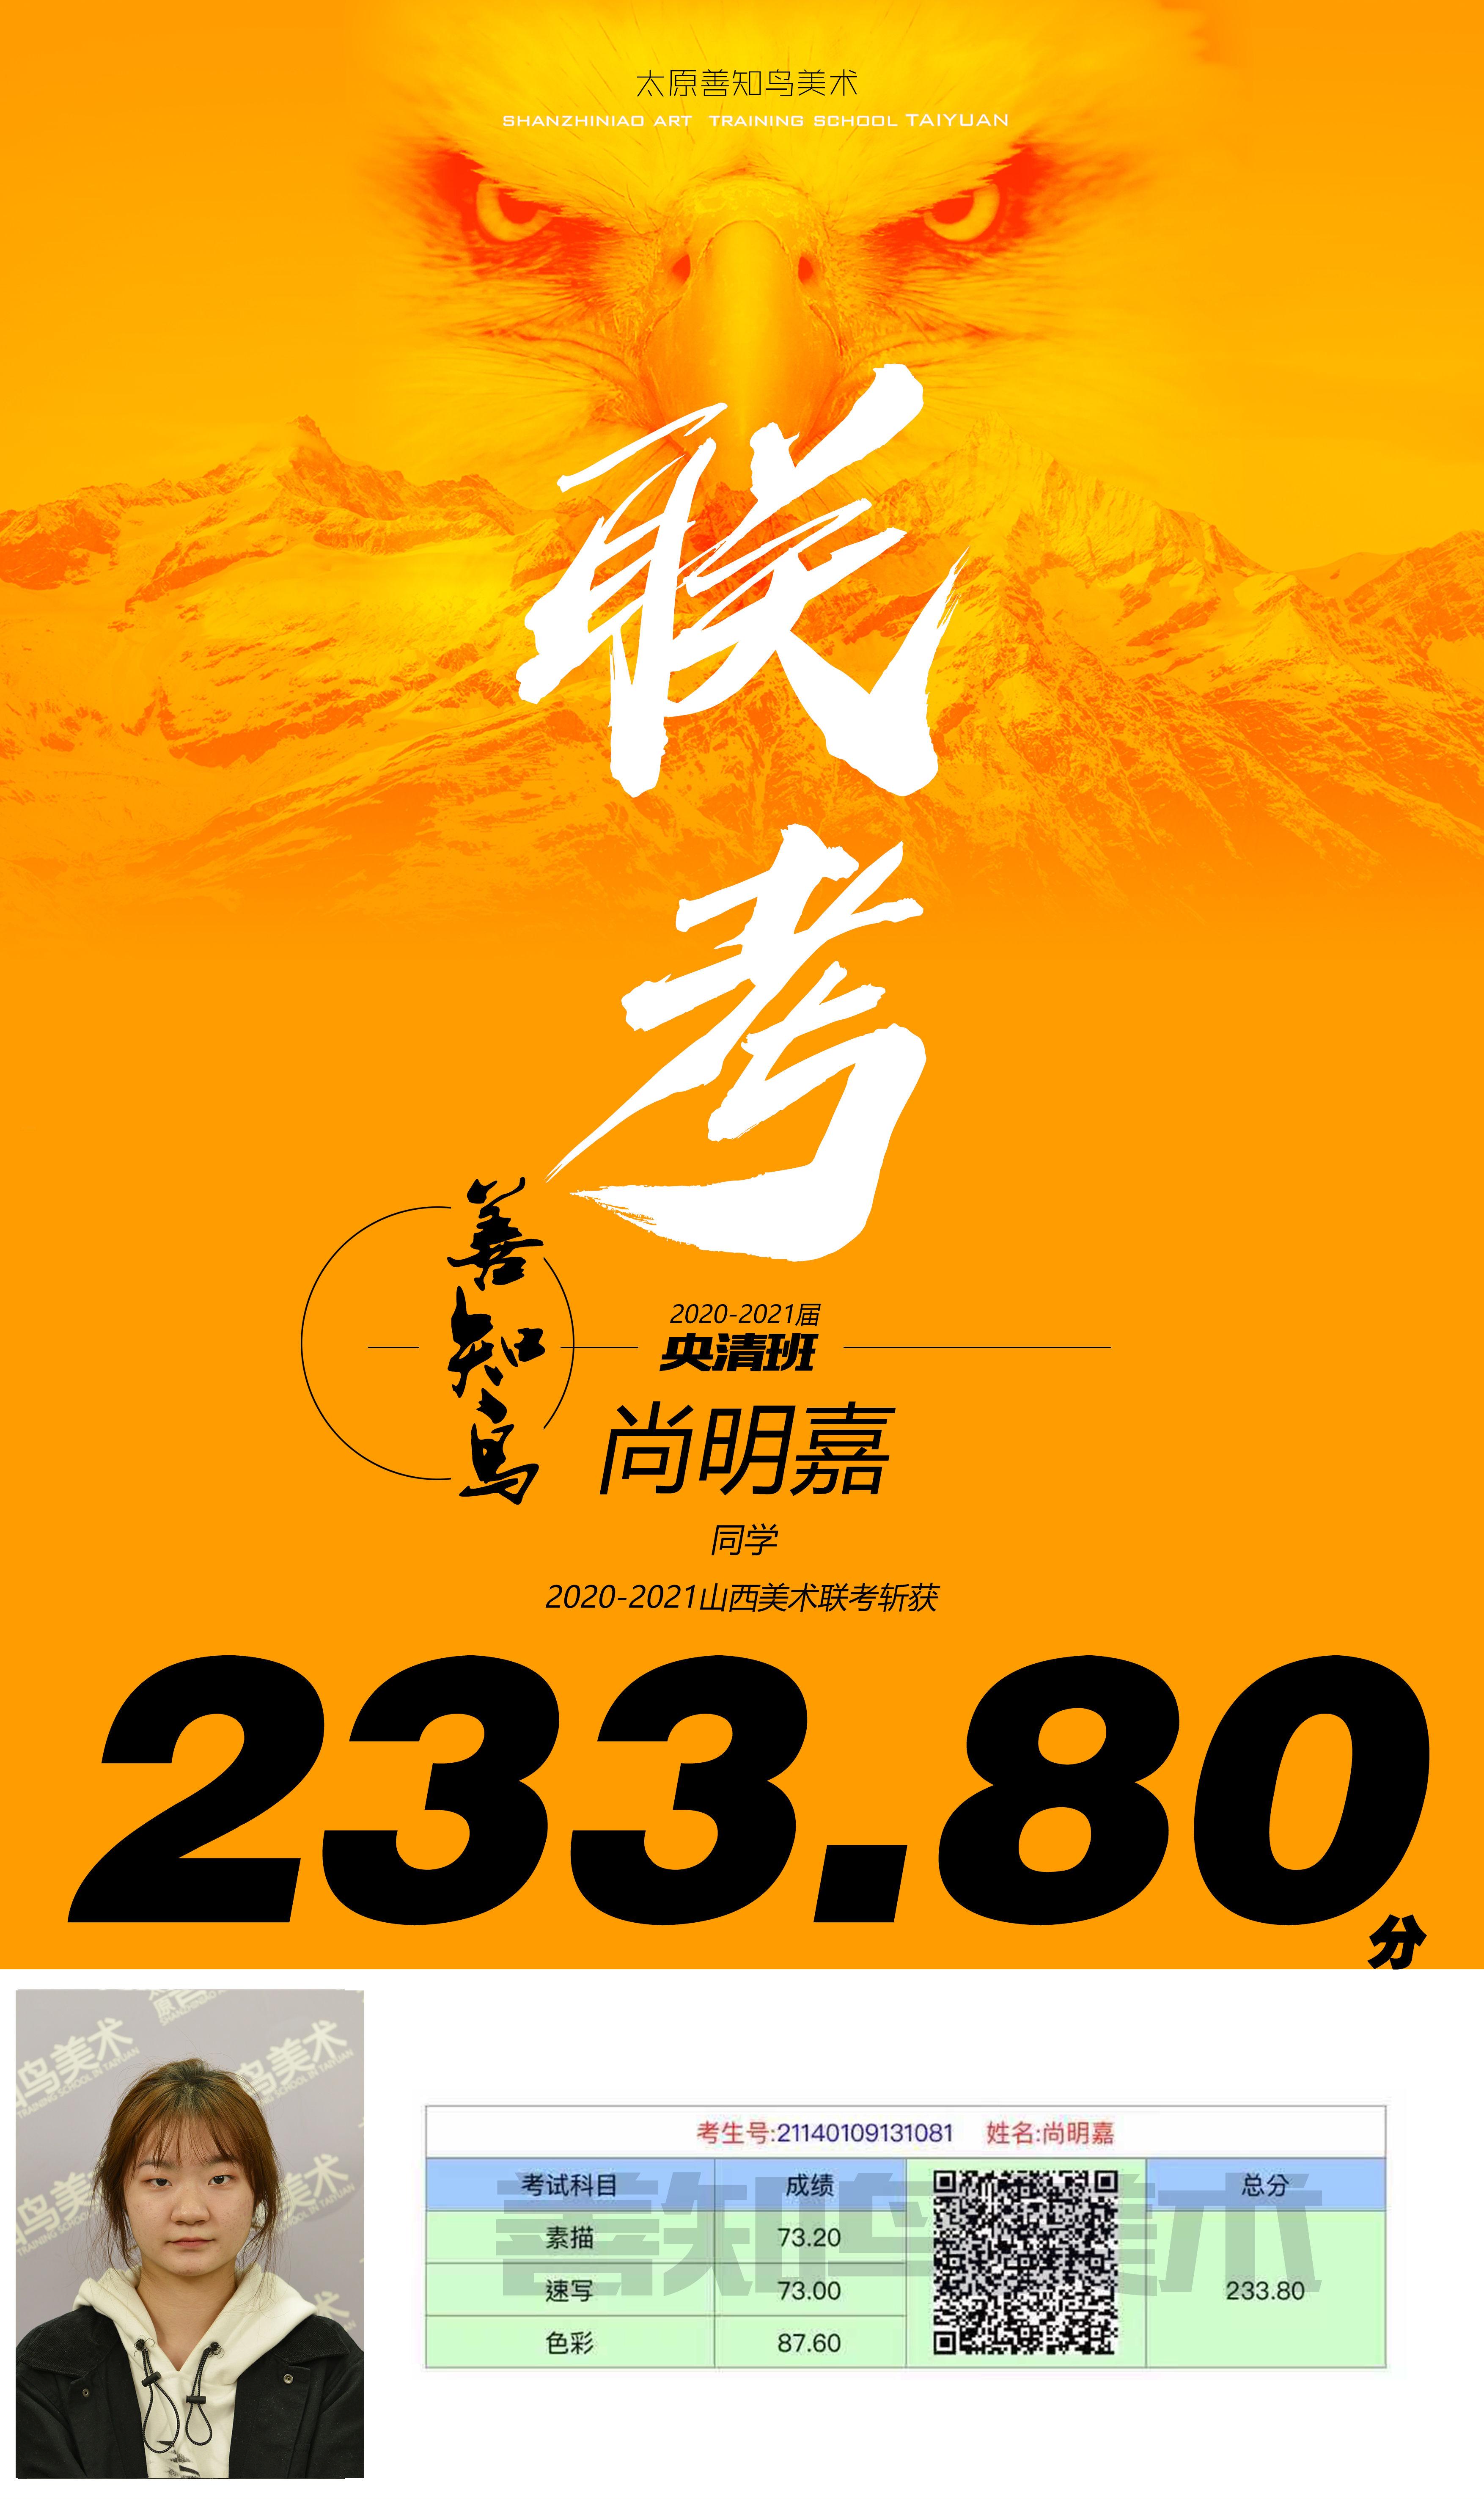 233.80尚明嘉.jpg